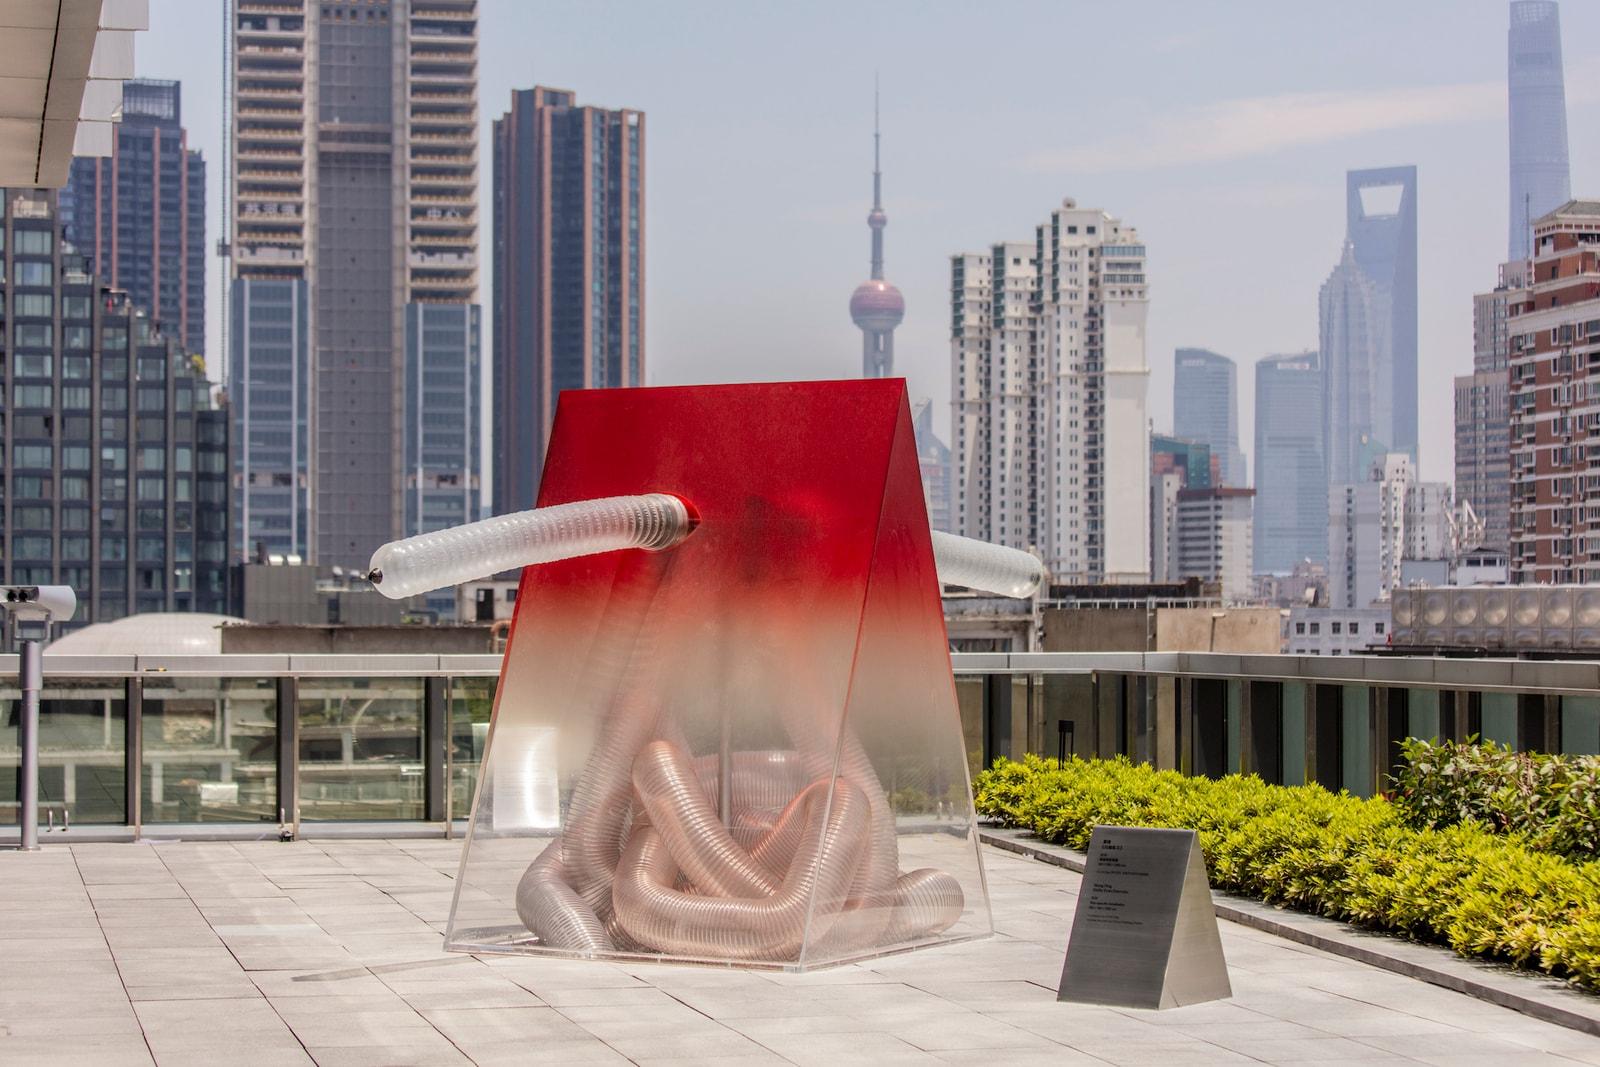 率先走进 UCCA Edge 开馆展「激浪之城: 世纪之交的艺术与上海」